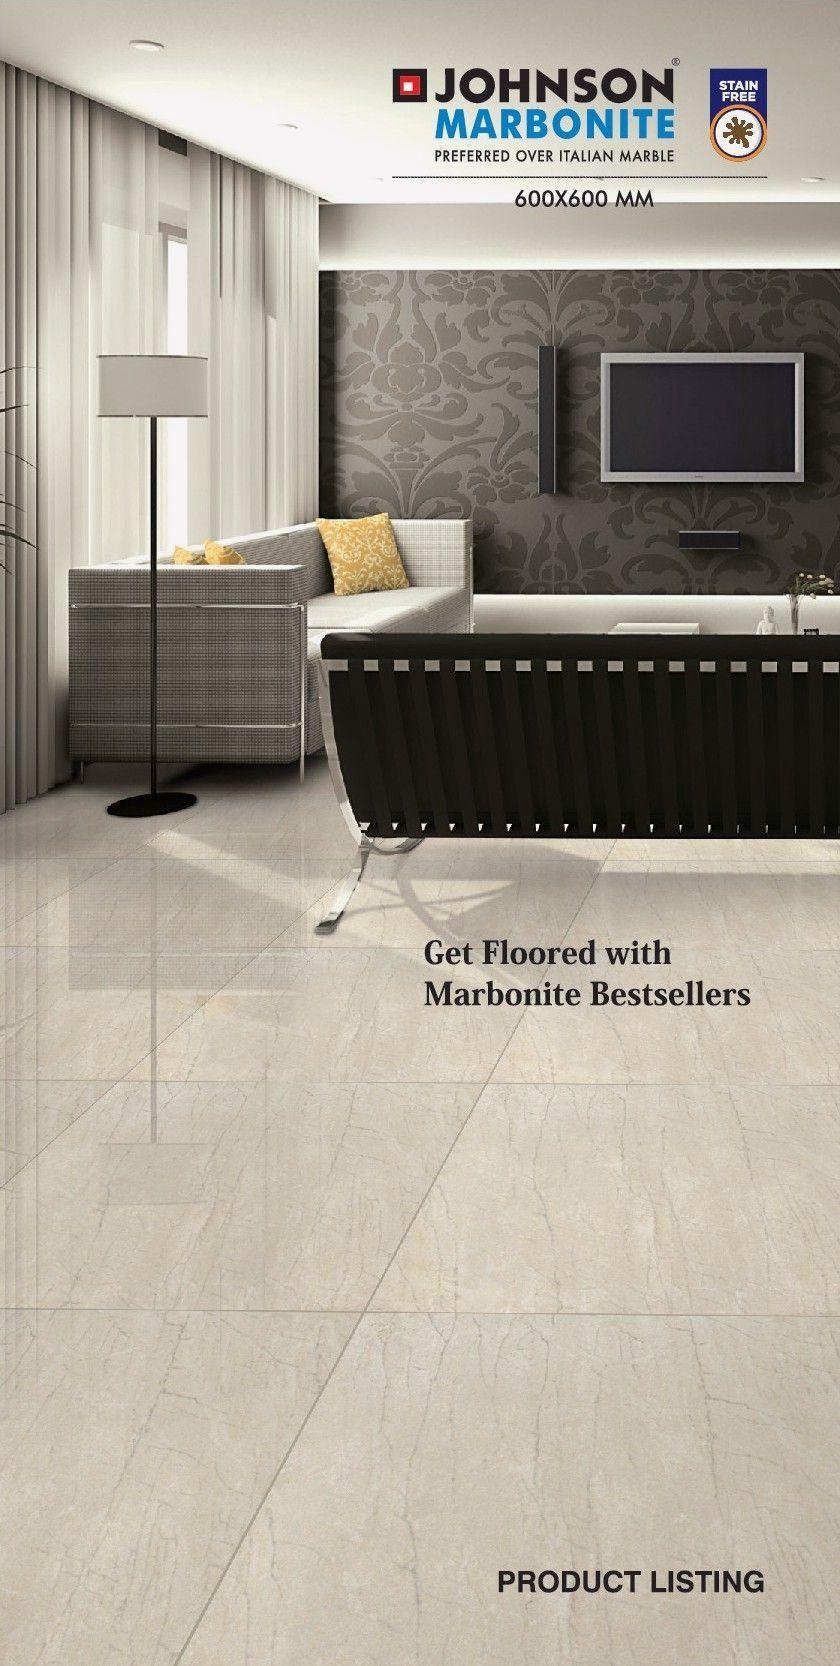 20 Vitrified Floor Tiles Design For Bedroom In 2020 Floor Tile Design Tile Design Wall Tiles Design